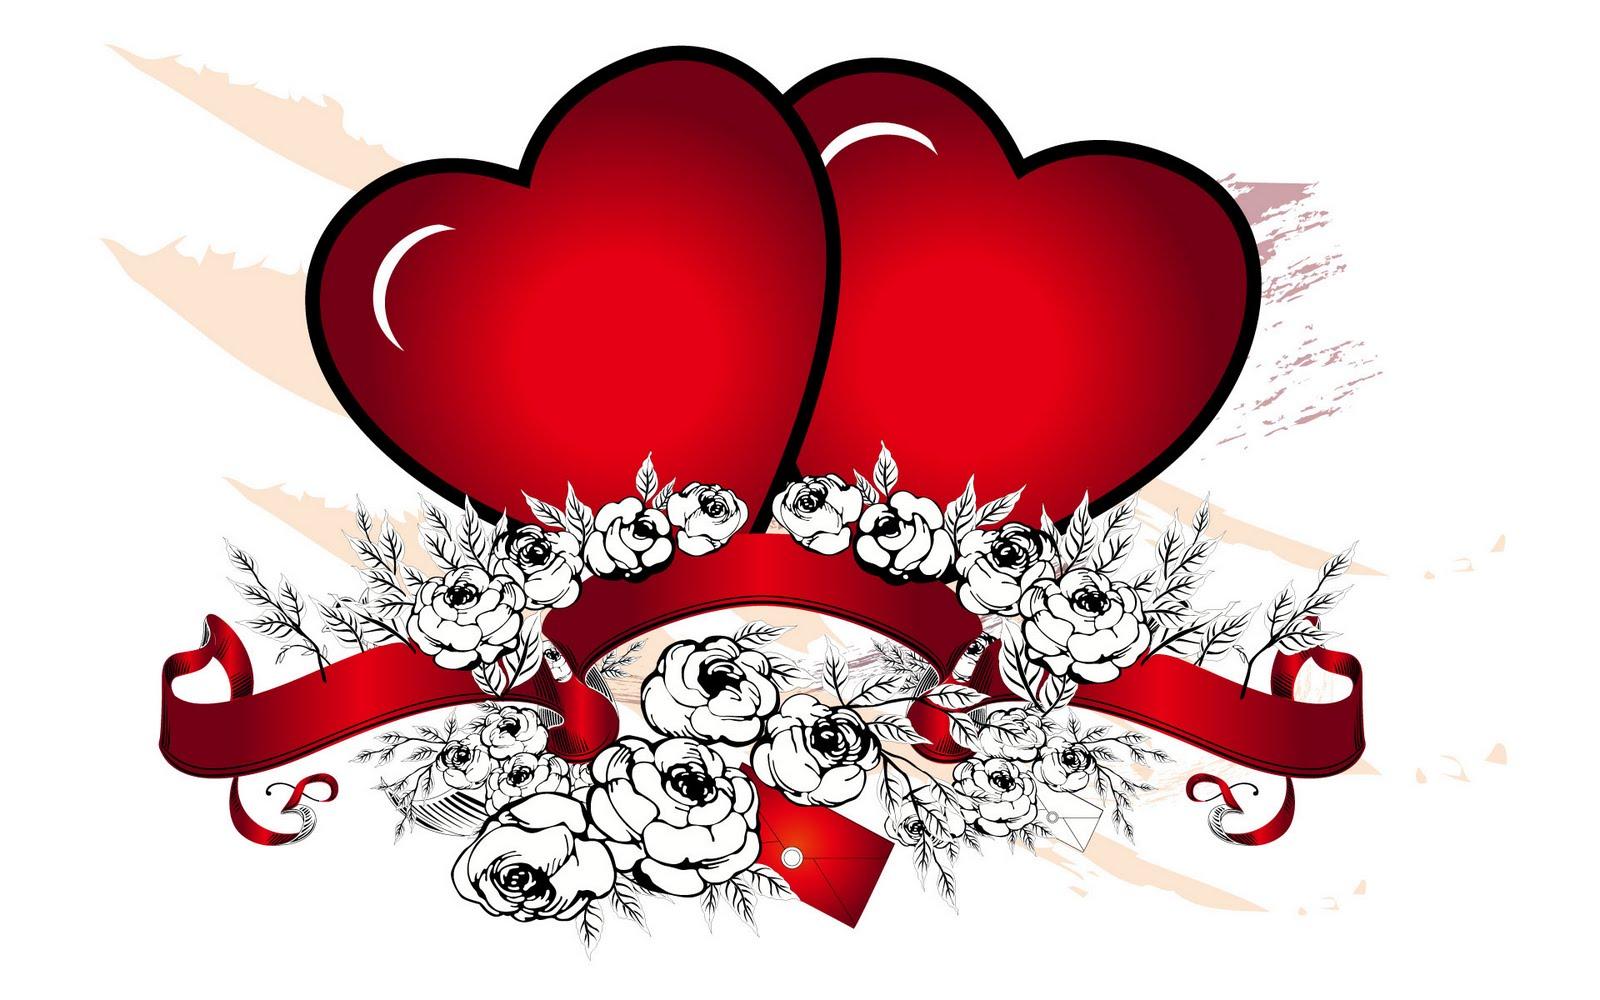 Romantische afbeelding met twee grote rode harten